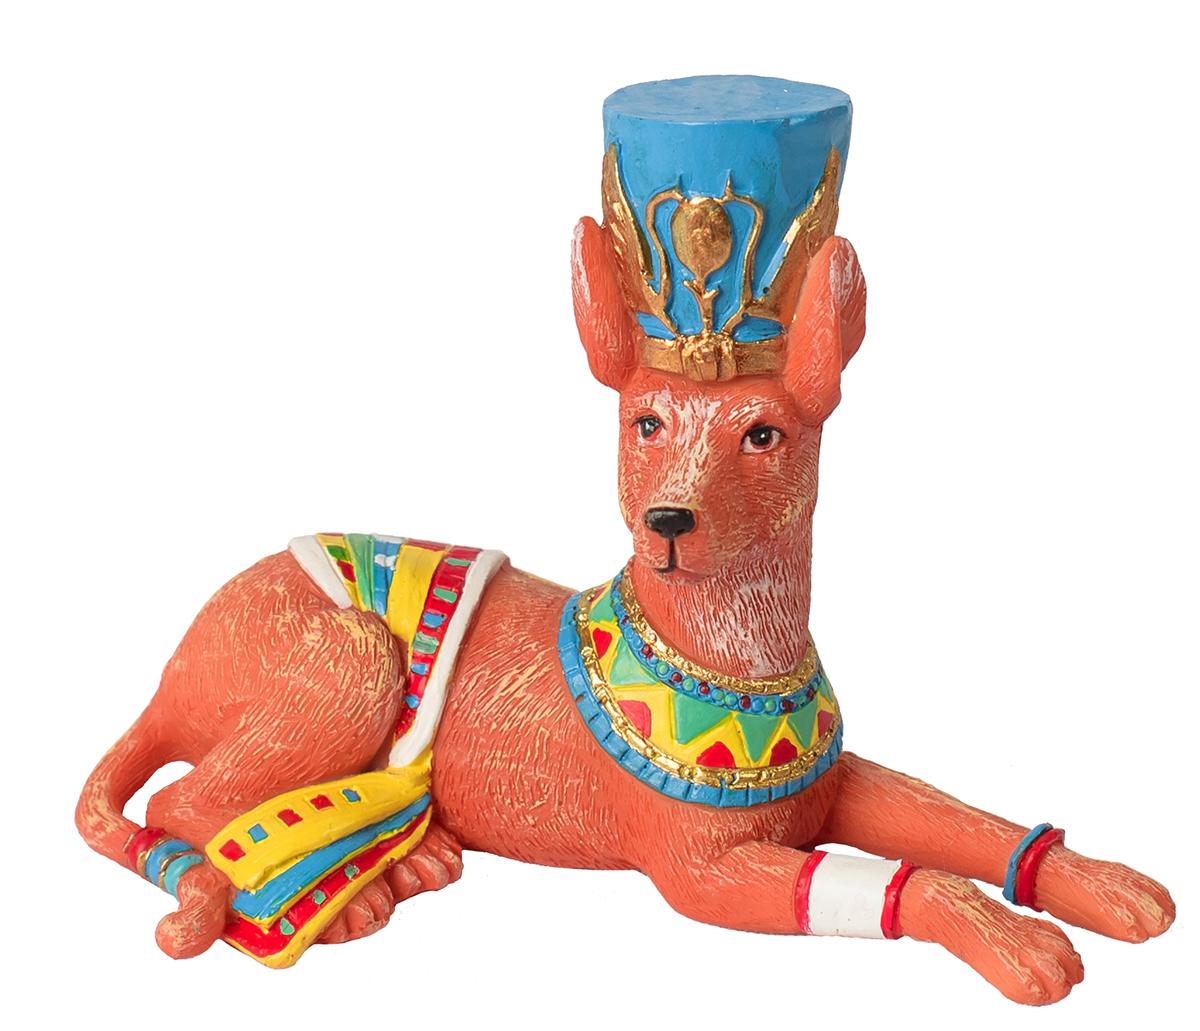 Фигурка декоративная Magic Time Собака-египтянка. 7560975609Фигурка декоративная Magic Time, выполненная изполирезины, станет оригинальным подарком для всех любителей необычныхвещей. Она выполнена в виде собаки с шаром.Изысканный сувенир станет прекрасным дополнением к интерьеру. Вы можетепоставить фигурку в любом месте, где она будет удачно смотреться и радоватьглаз.